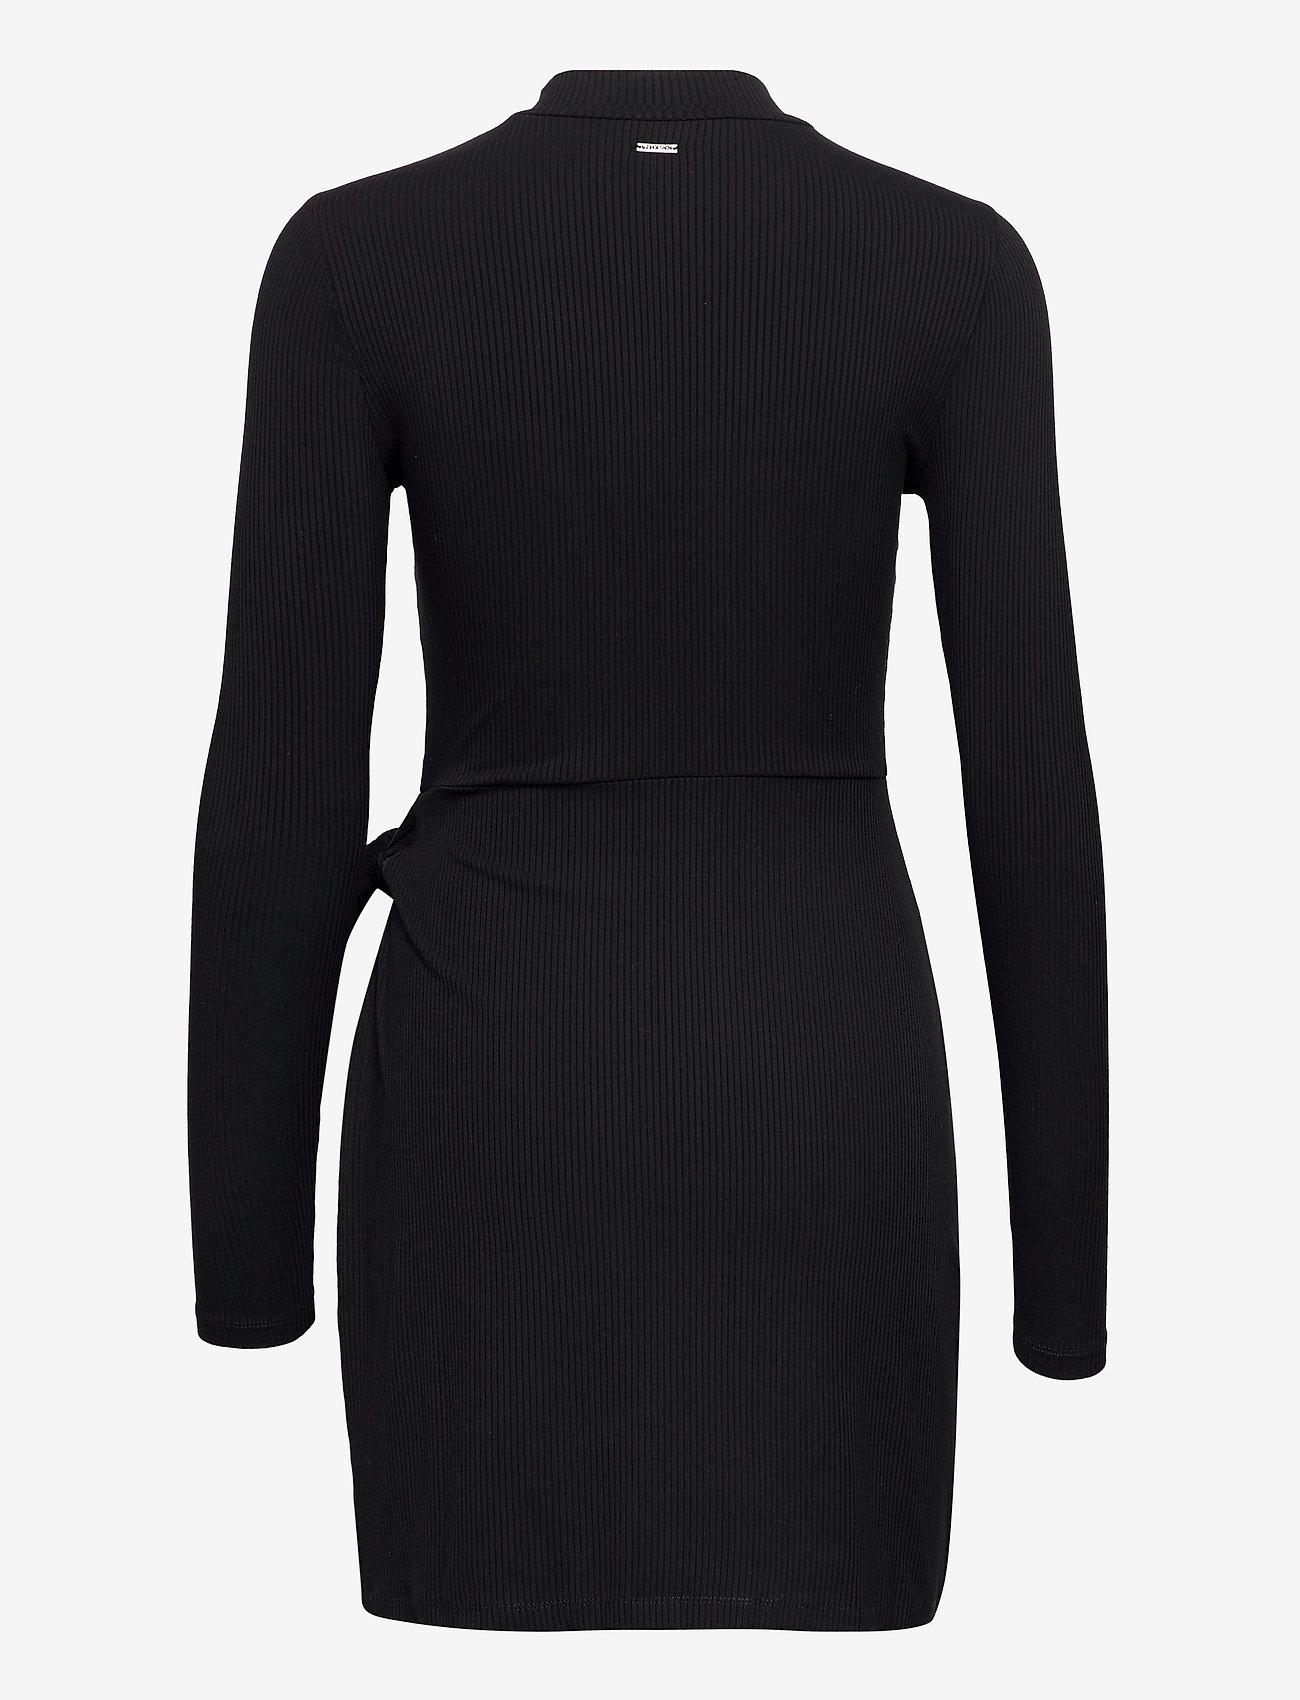 GUESS Jeans - NURSELI DRESS - robes de jour - jet black a996 - 1